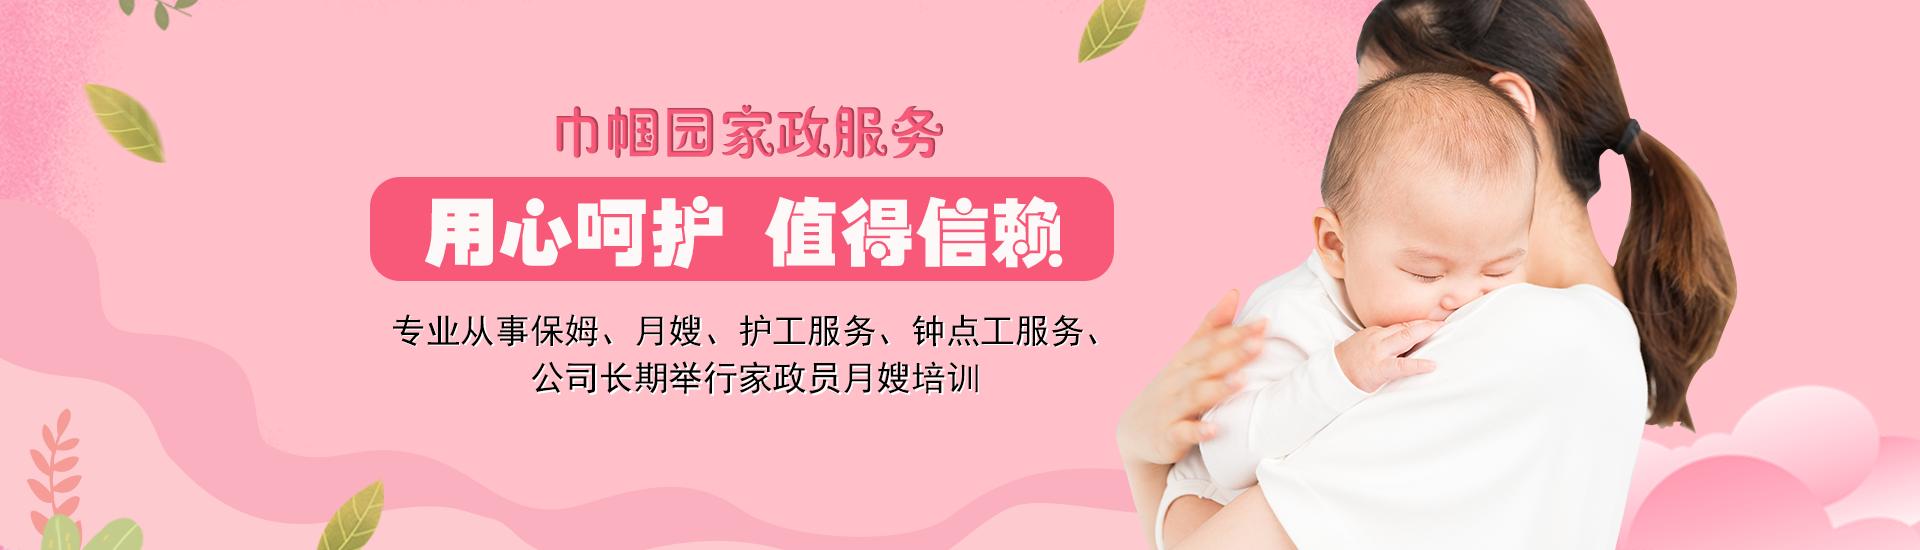 漳州巾帼家政服务有限公司